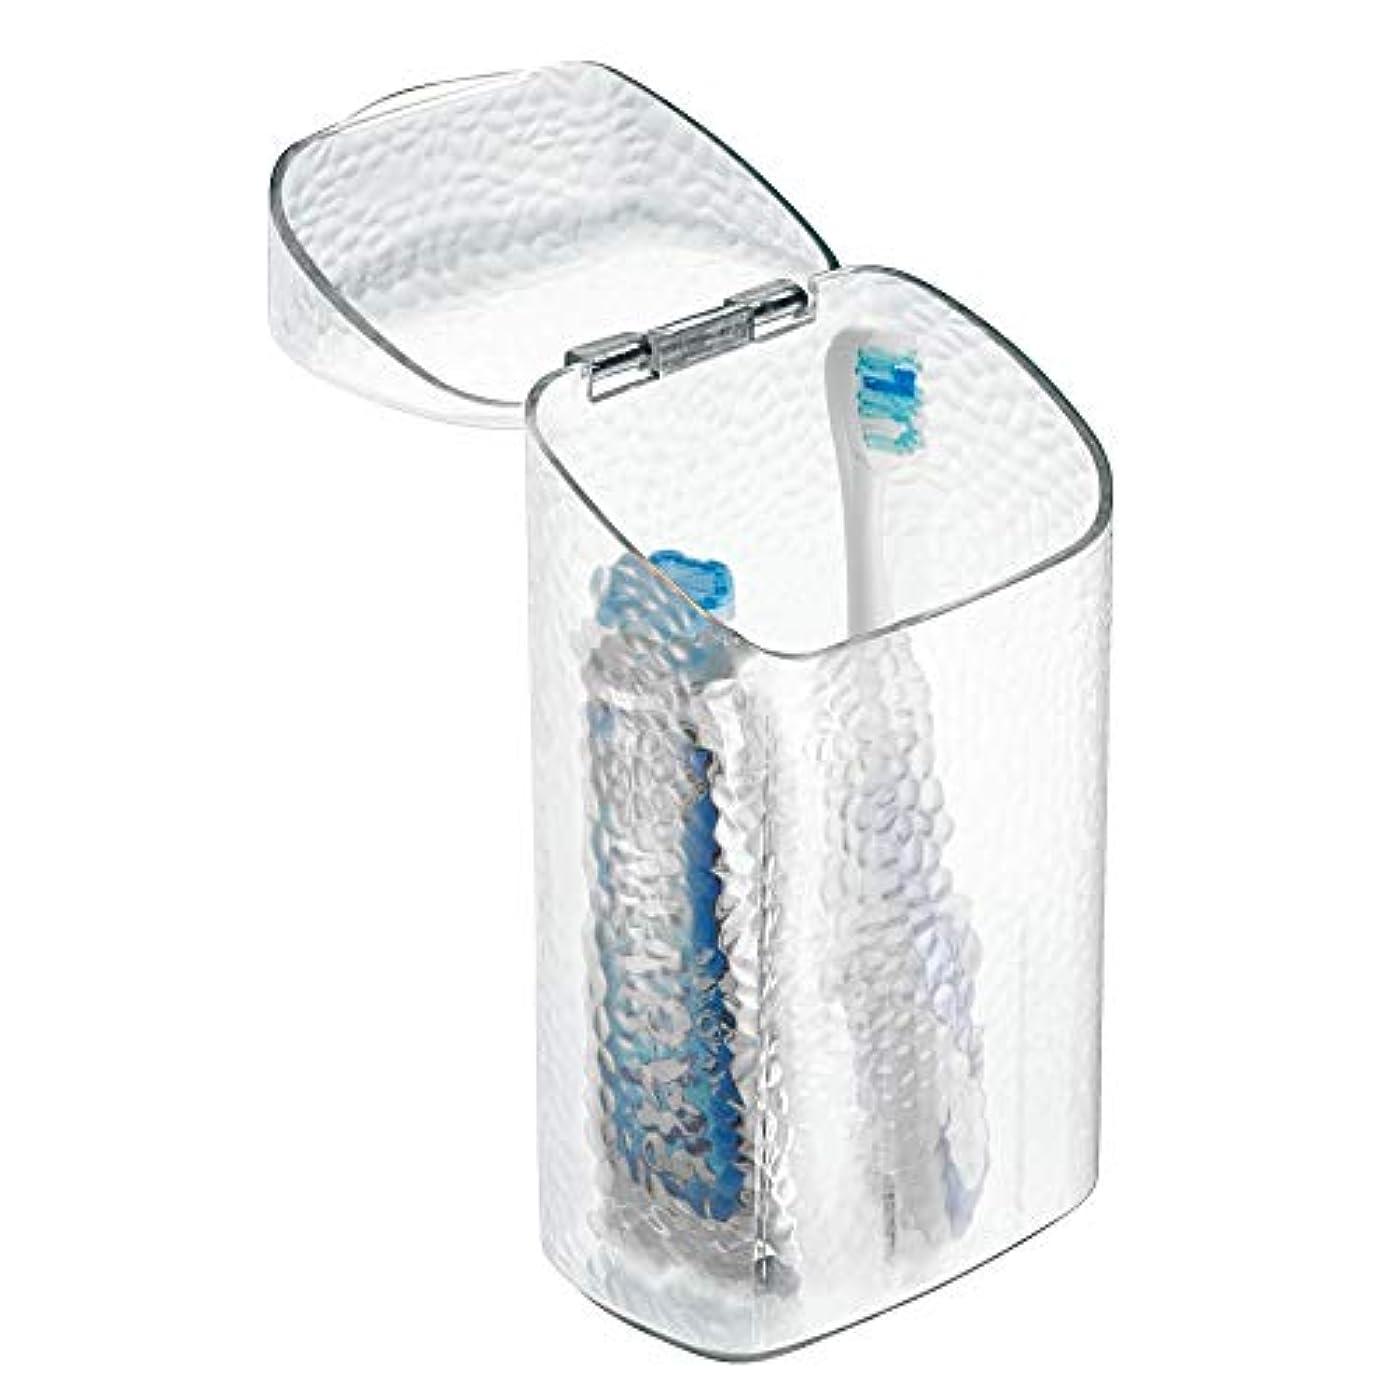 回答忌避剤ブートInterDesign Rain Dental Center Toothbrush and Toothpaste Holder/Case - Clear by InterDesign